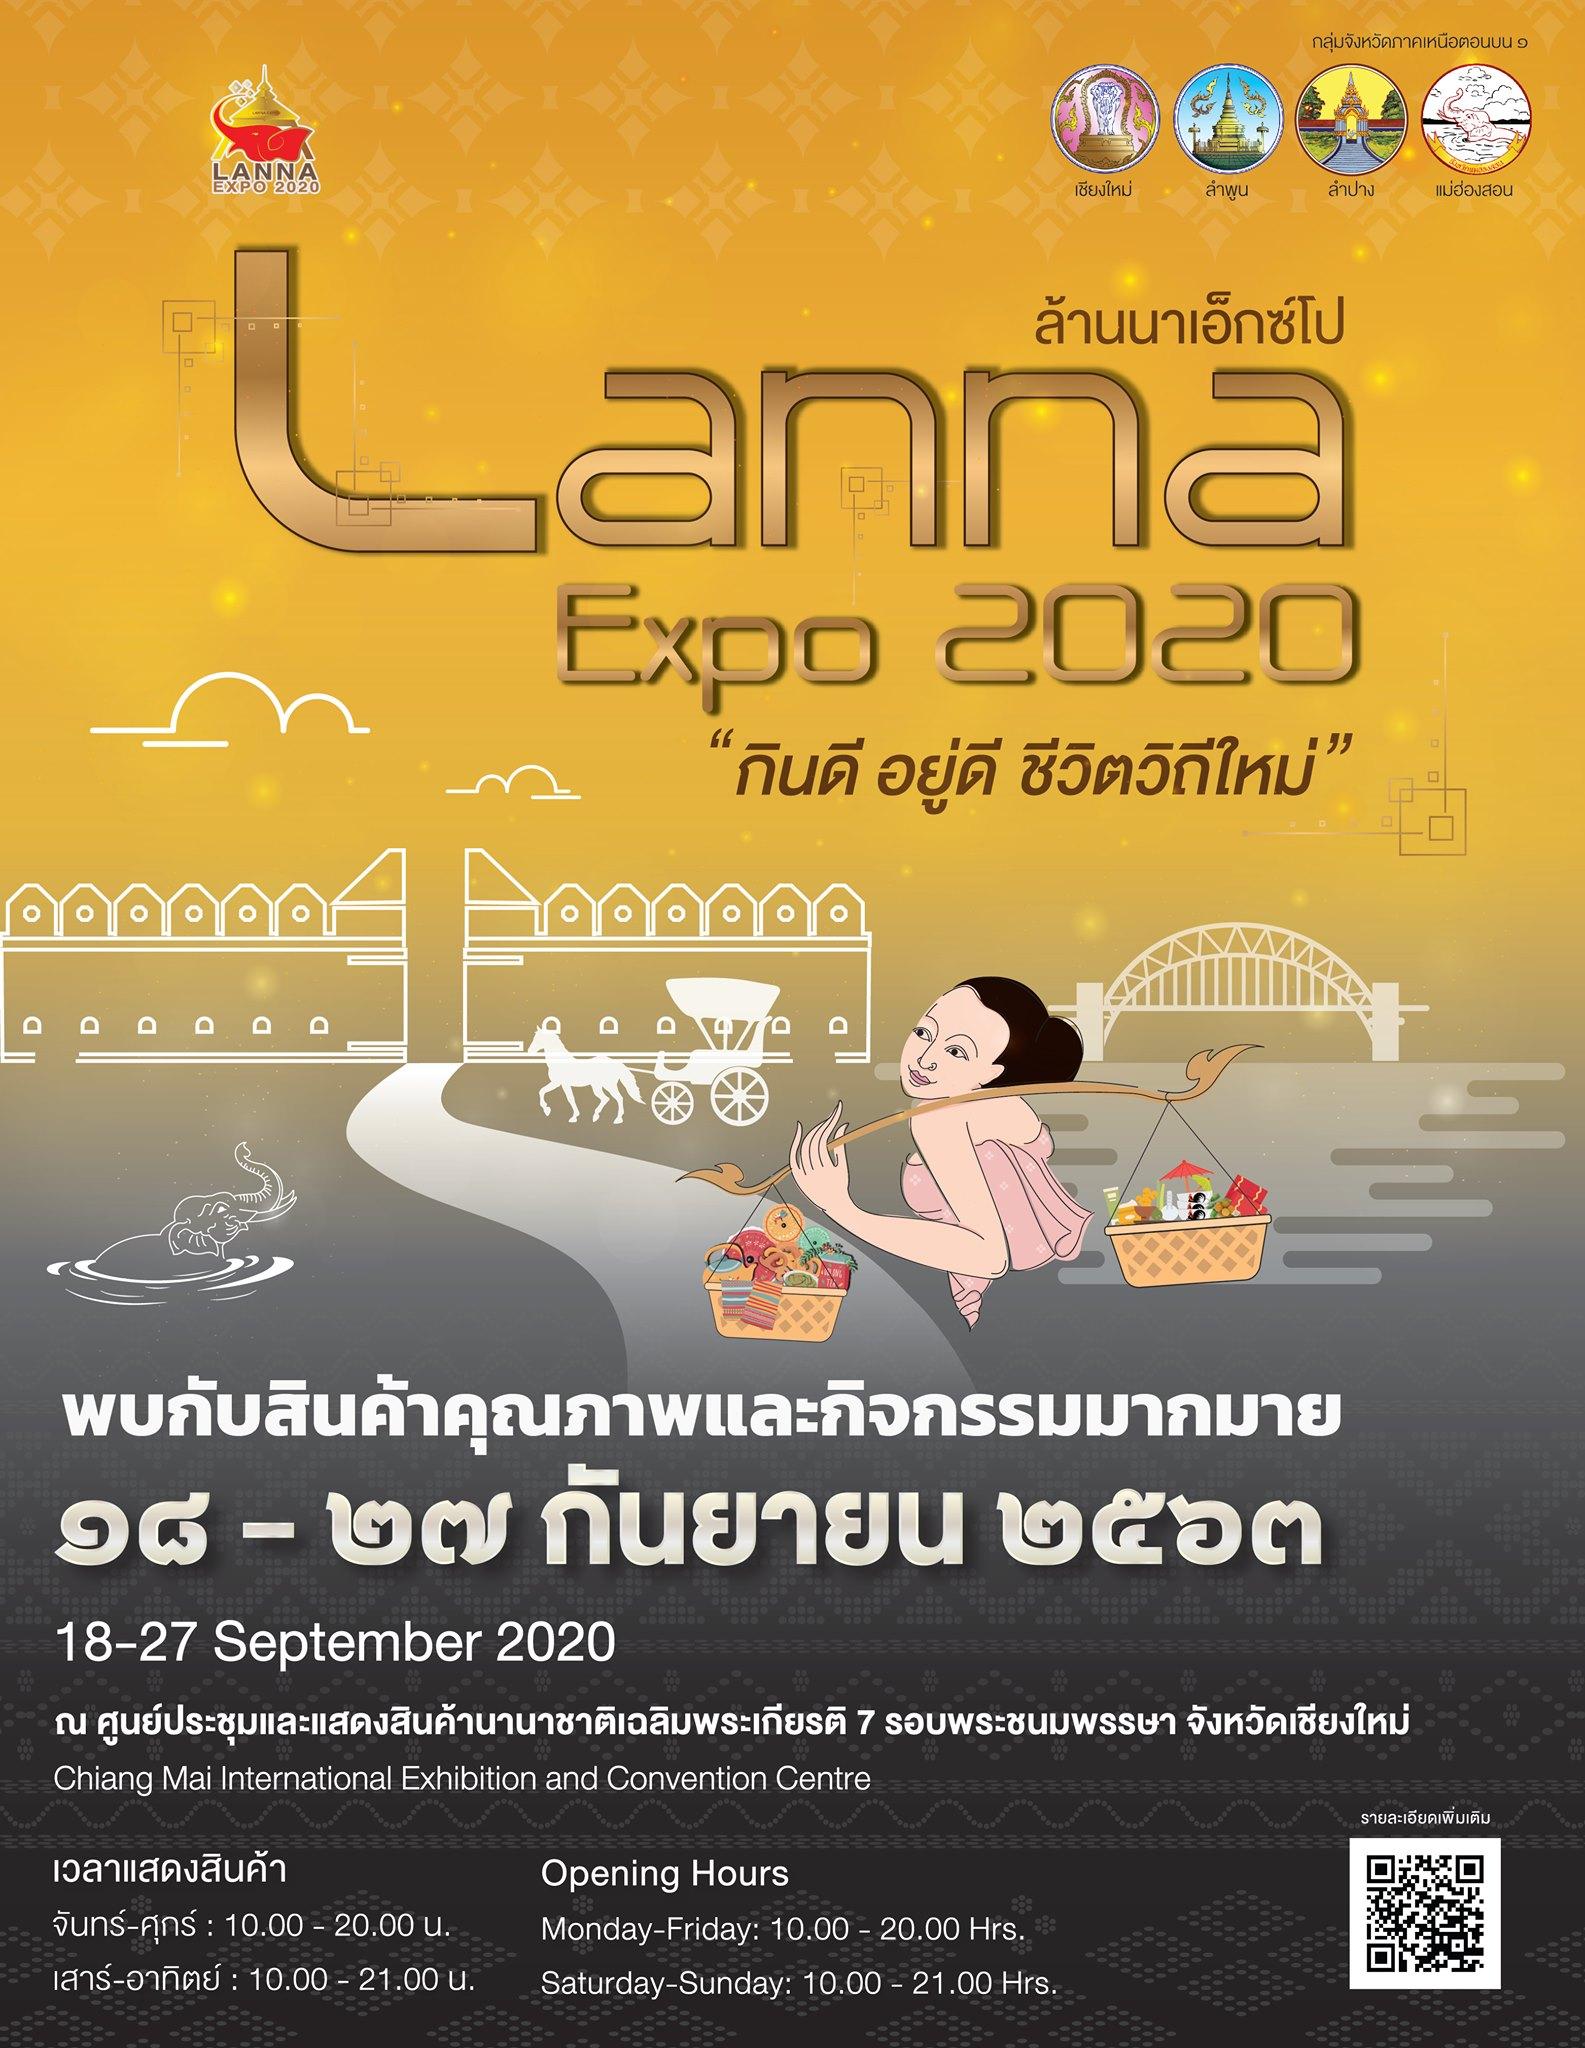 Lanna Expo 2020